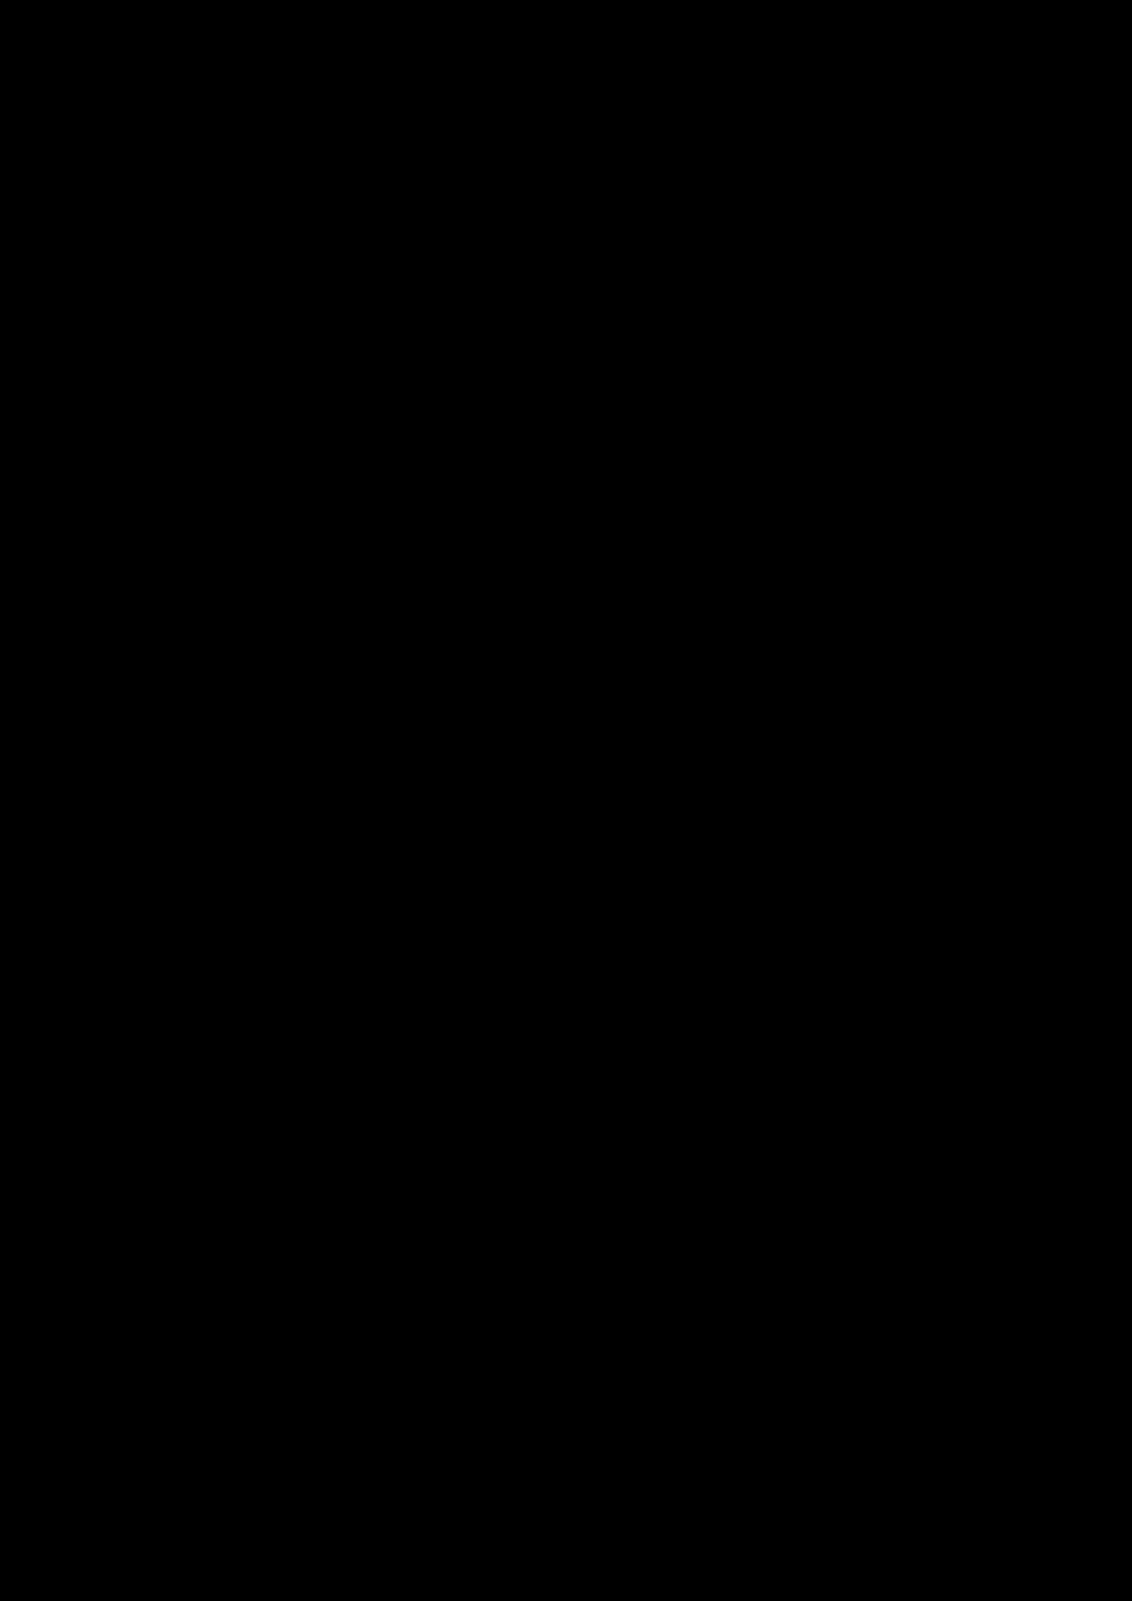 Serdtse slide, Image 19